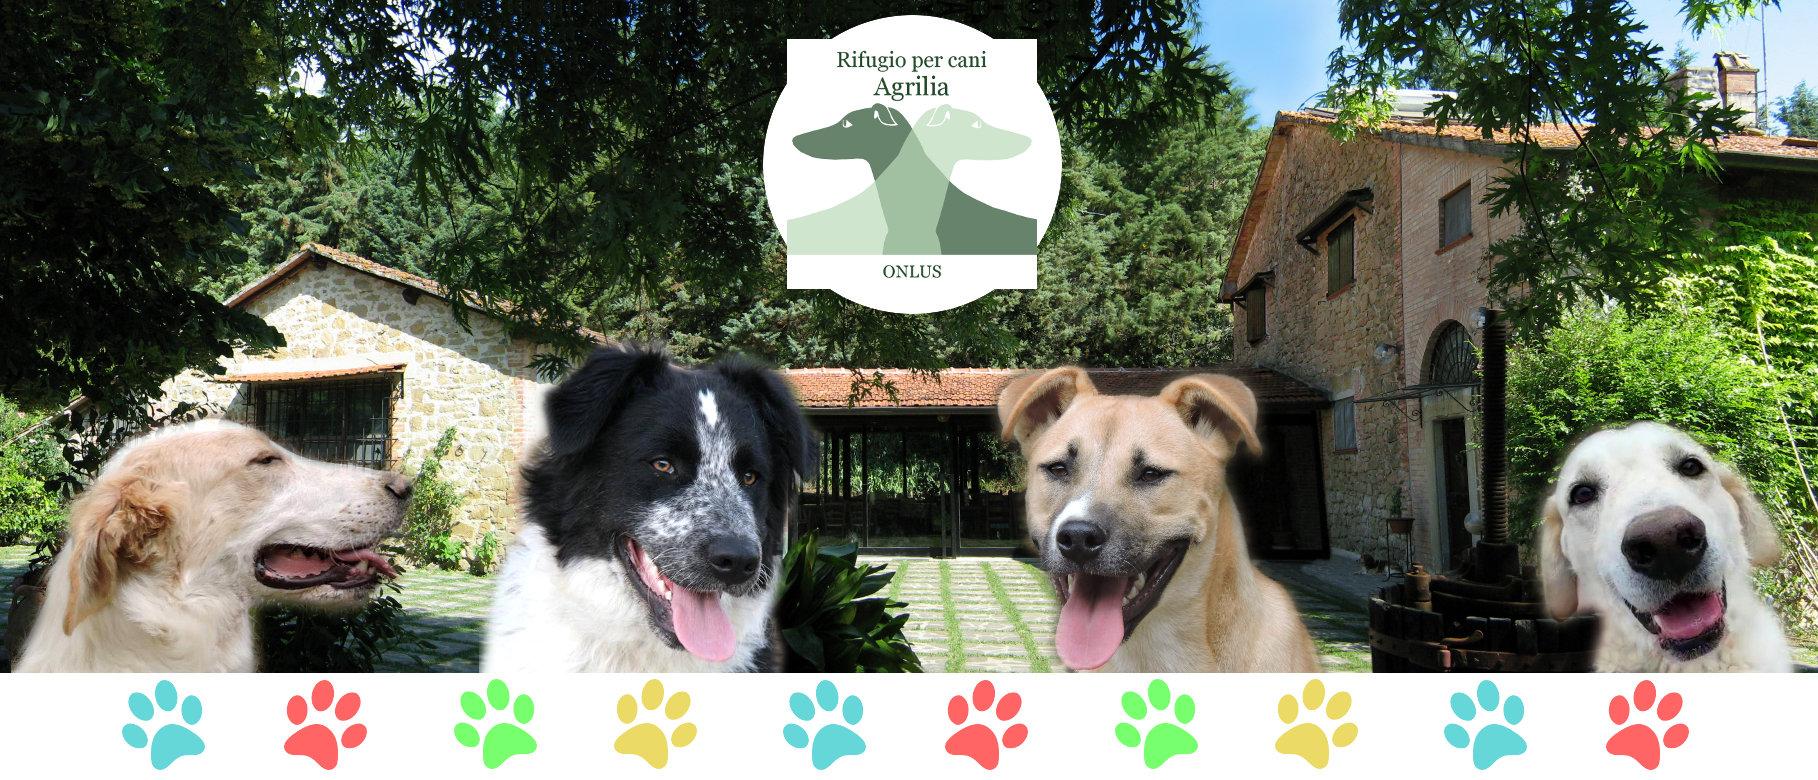 Rifugio per cani Agrilia